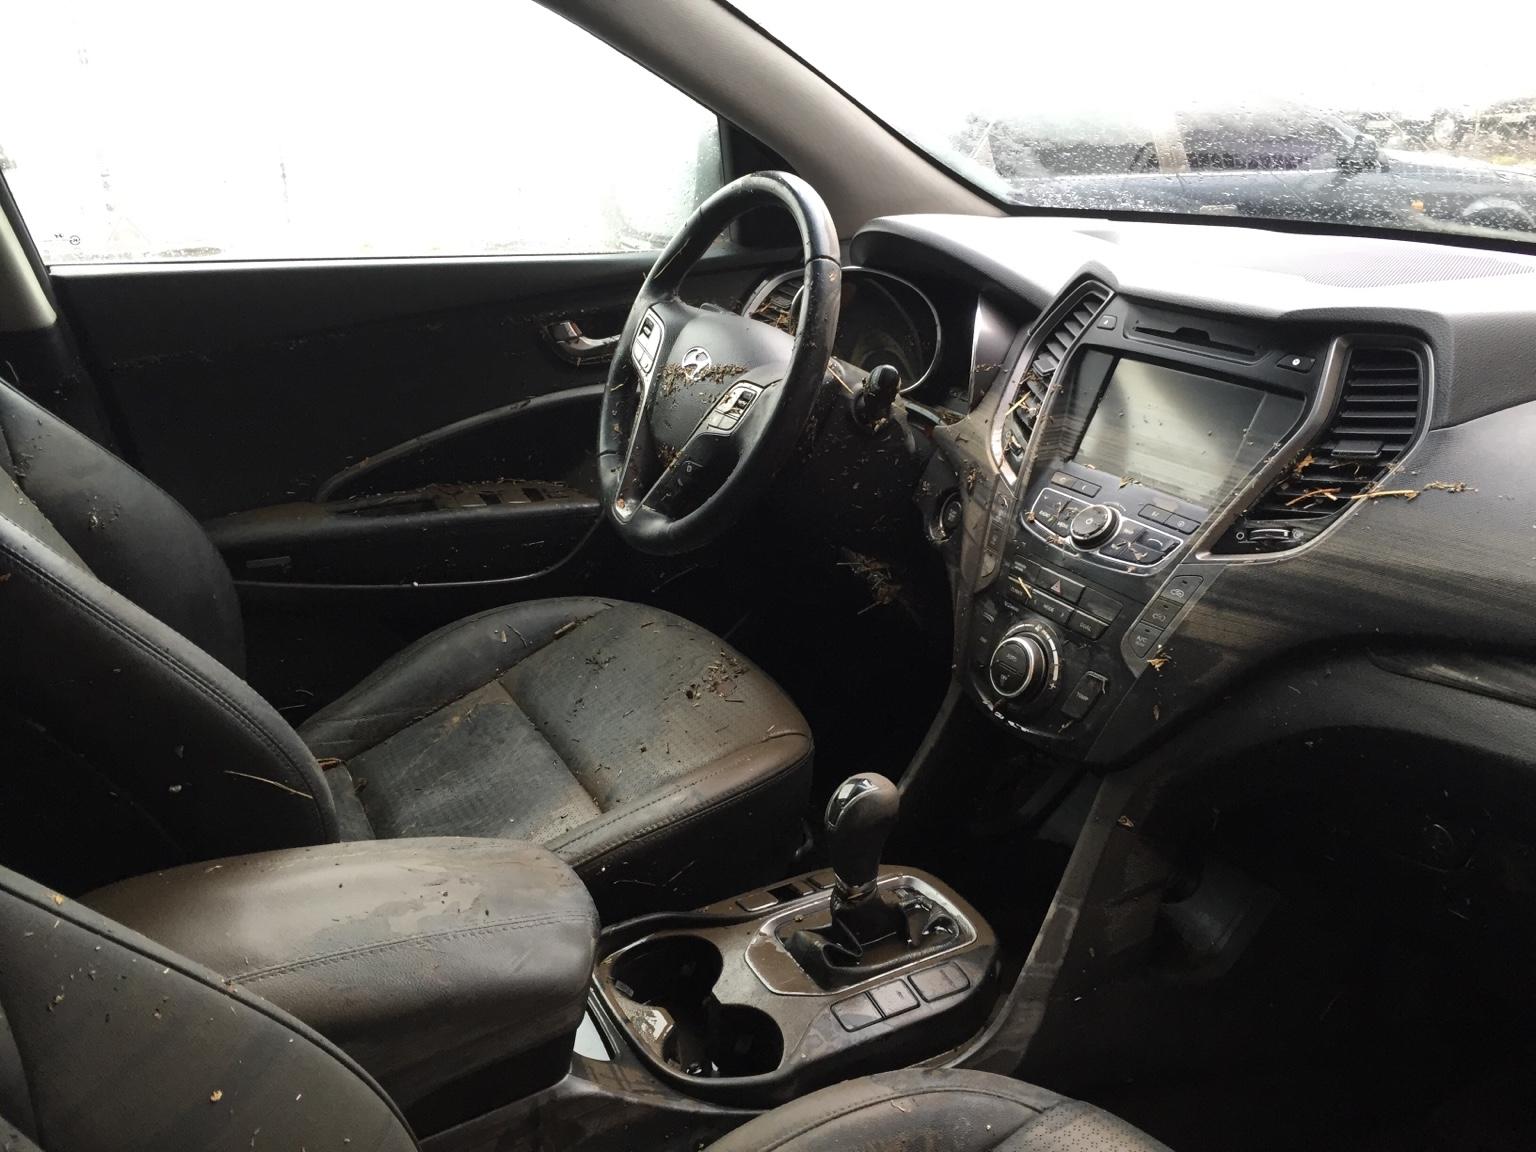 afe18665b315d780cfc1a9e0eec7e654 Печальное фото: Как выглядит утонувшая машина одессита после того, как ее достали